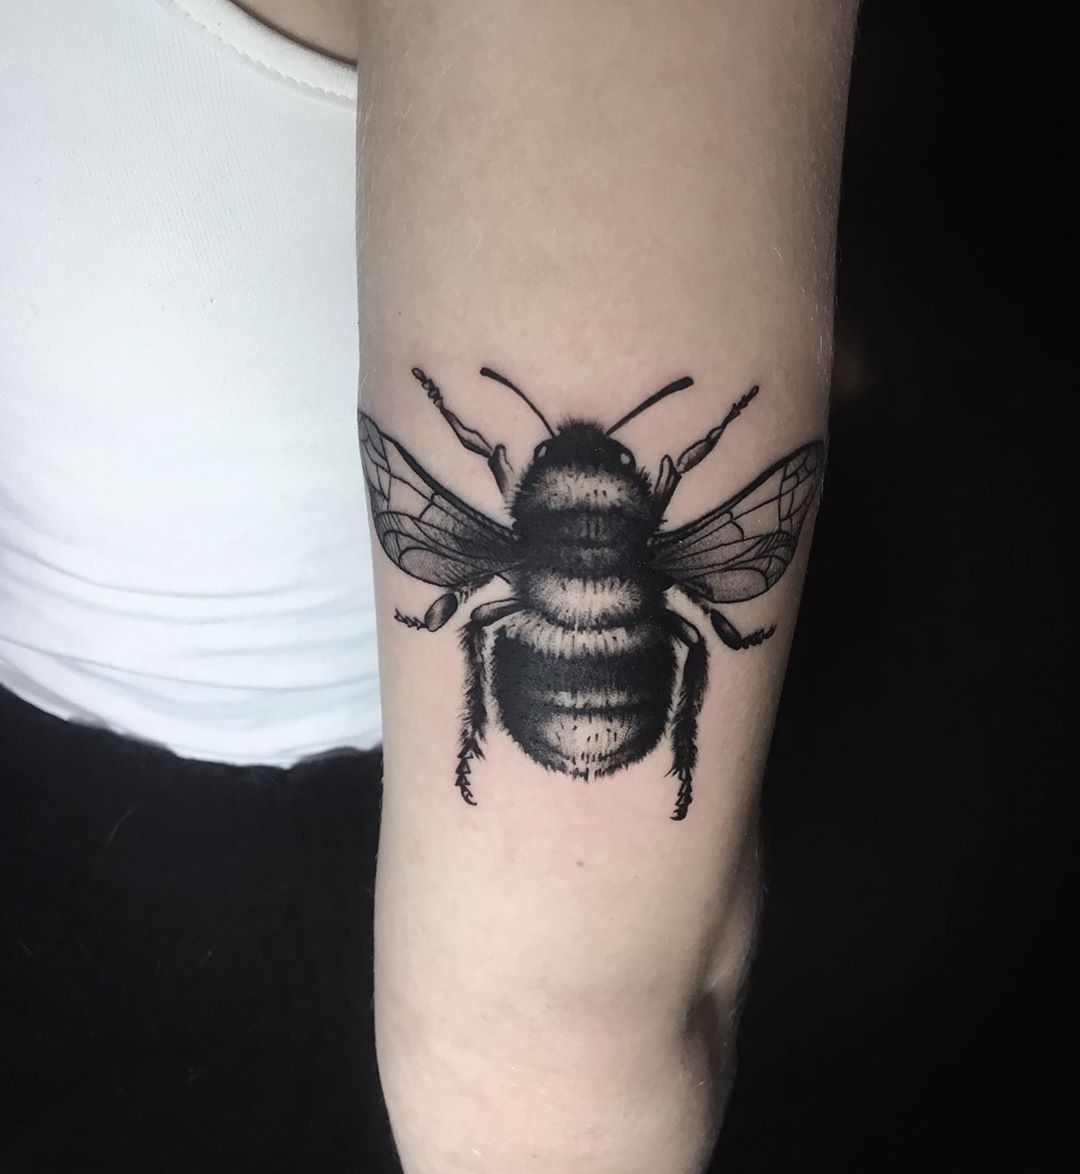 Bee Tattoo Bee Tattoo Tattoos Tattooed Ink Inked Armtattoo Blacktattoo Blackwork Dynamicblack Tatoo